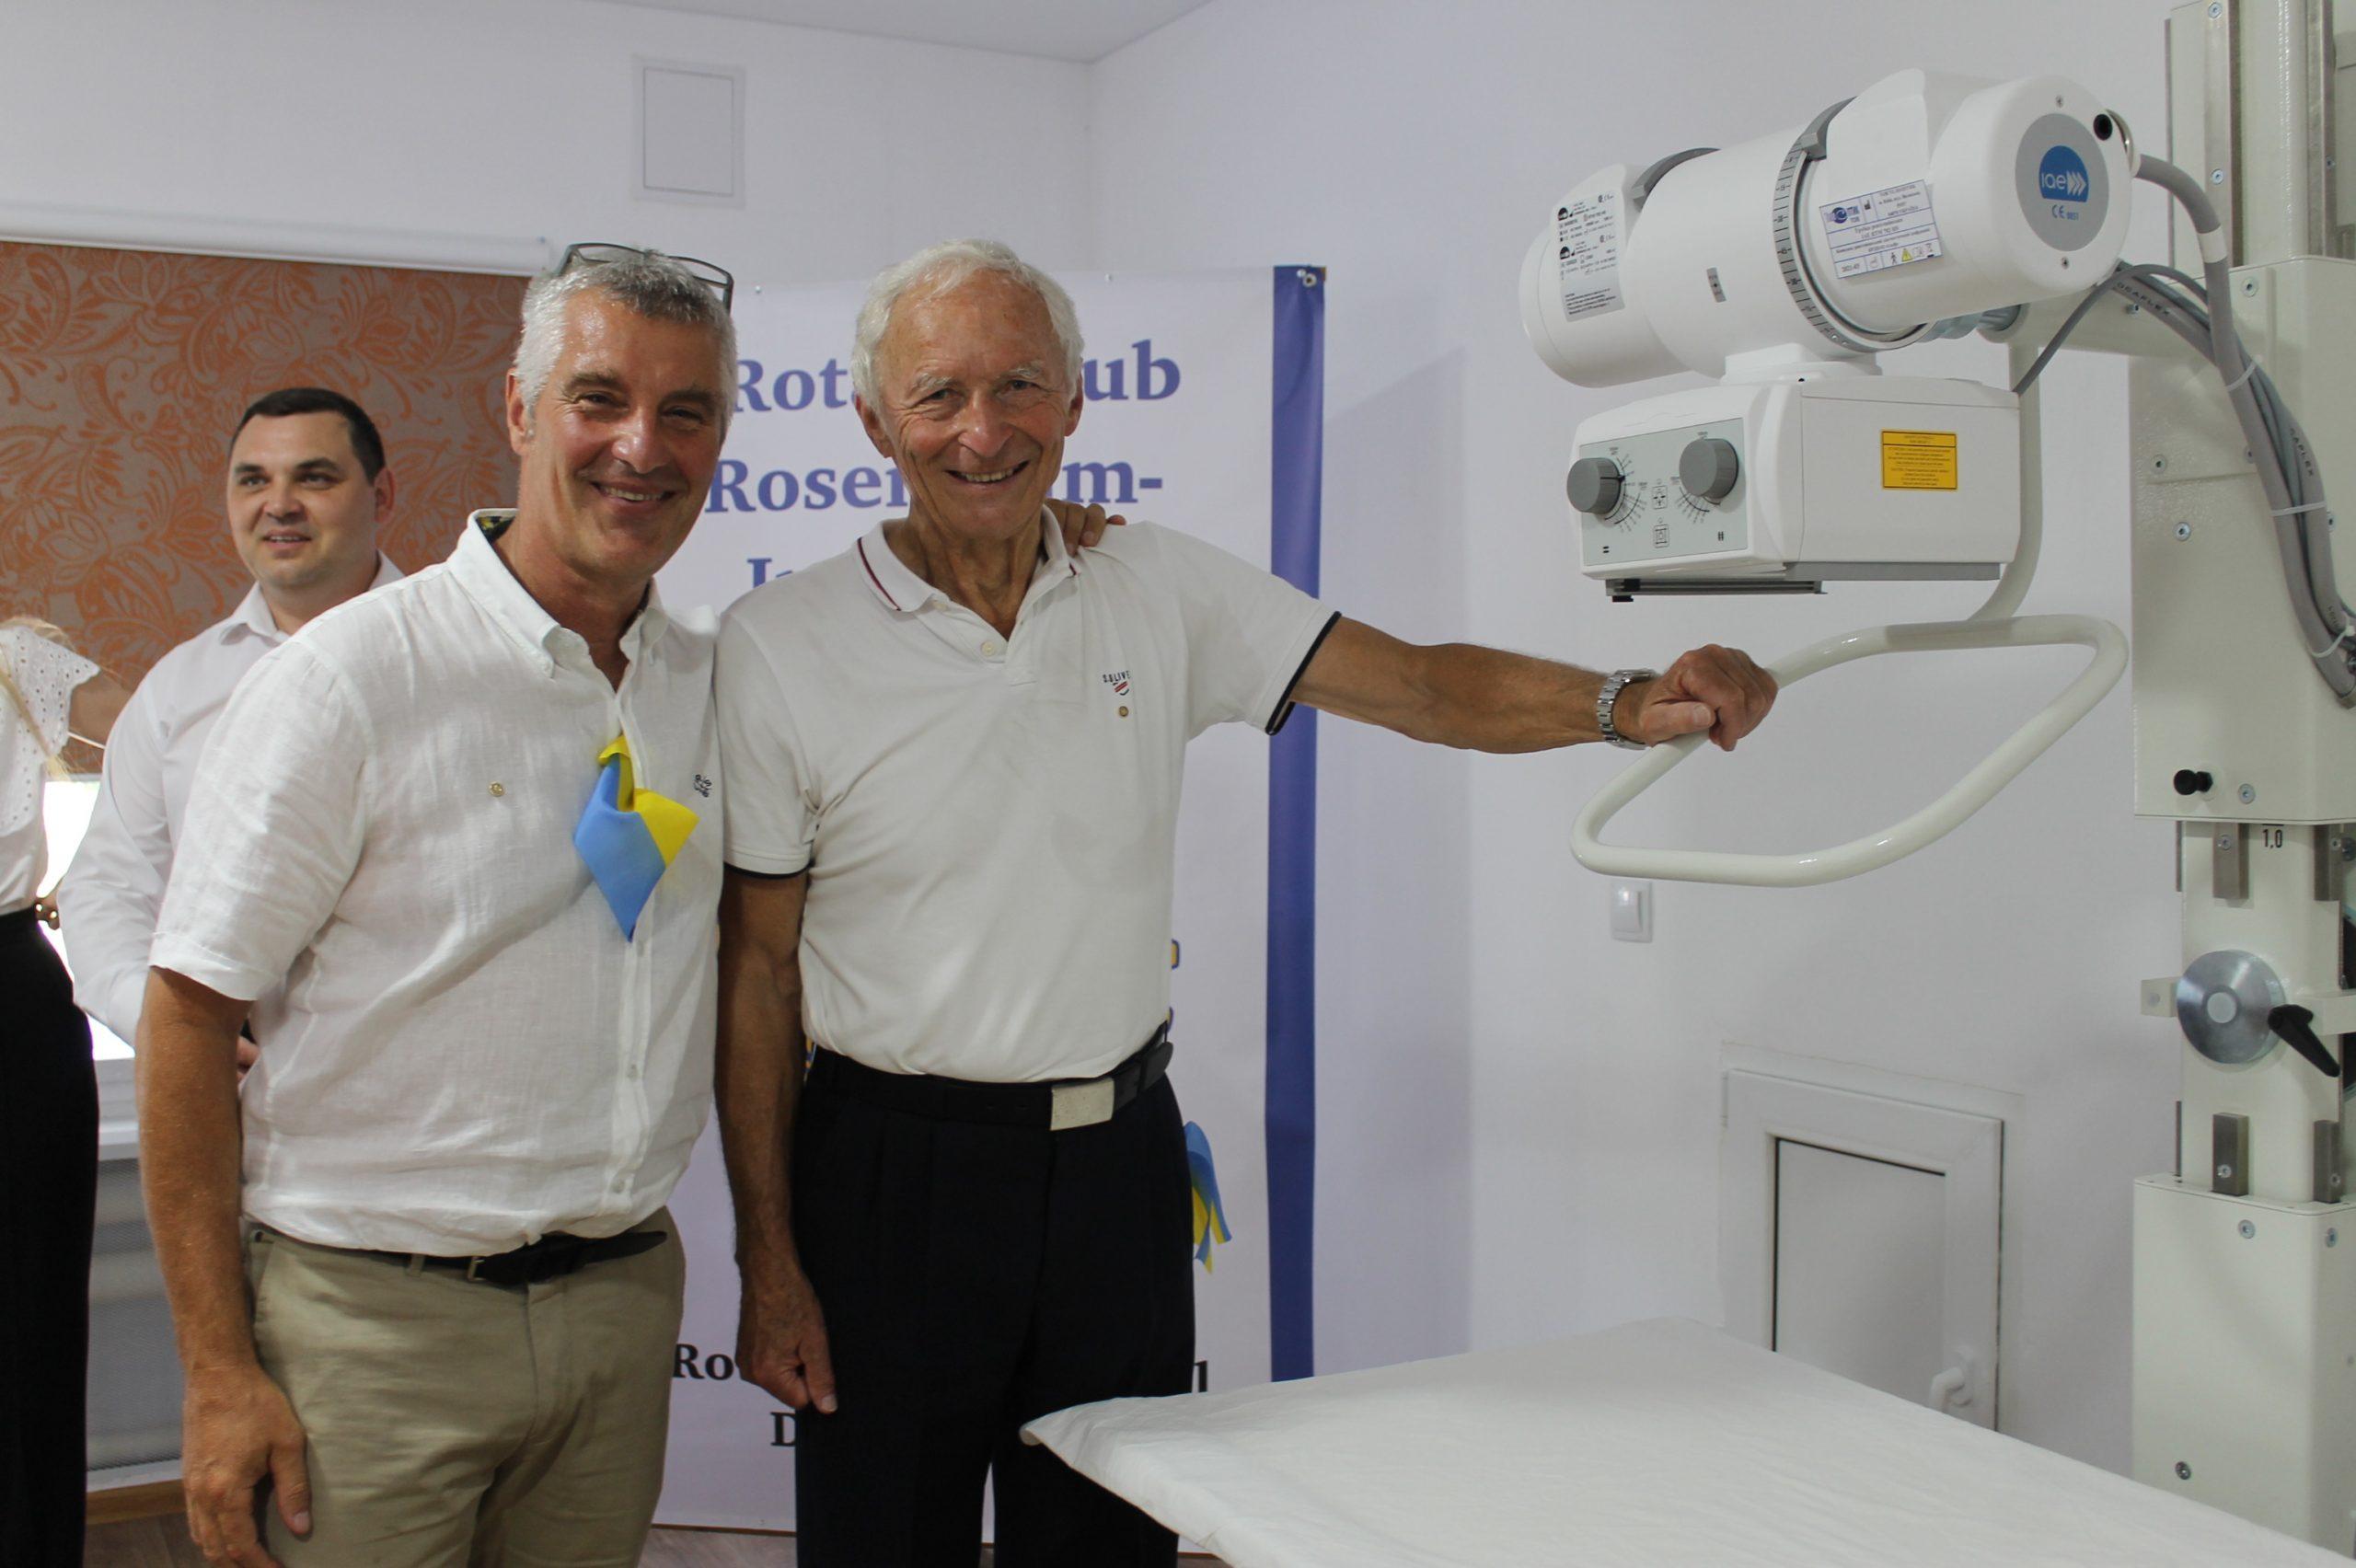 У протитуберкульозний санаторій ротарійці придбали цифровий рентгенапарат